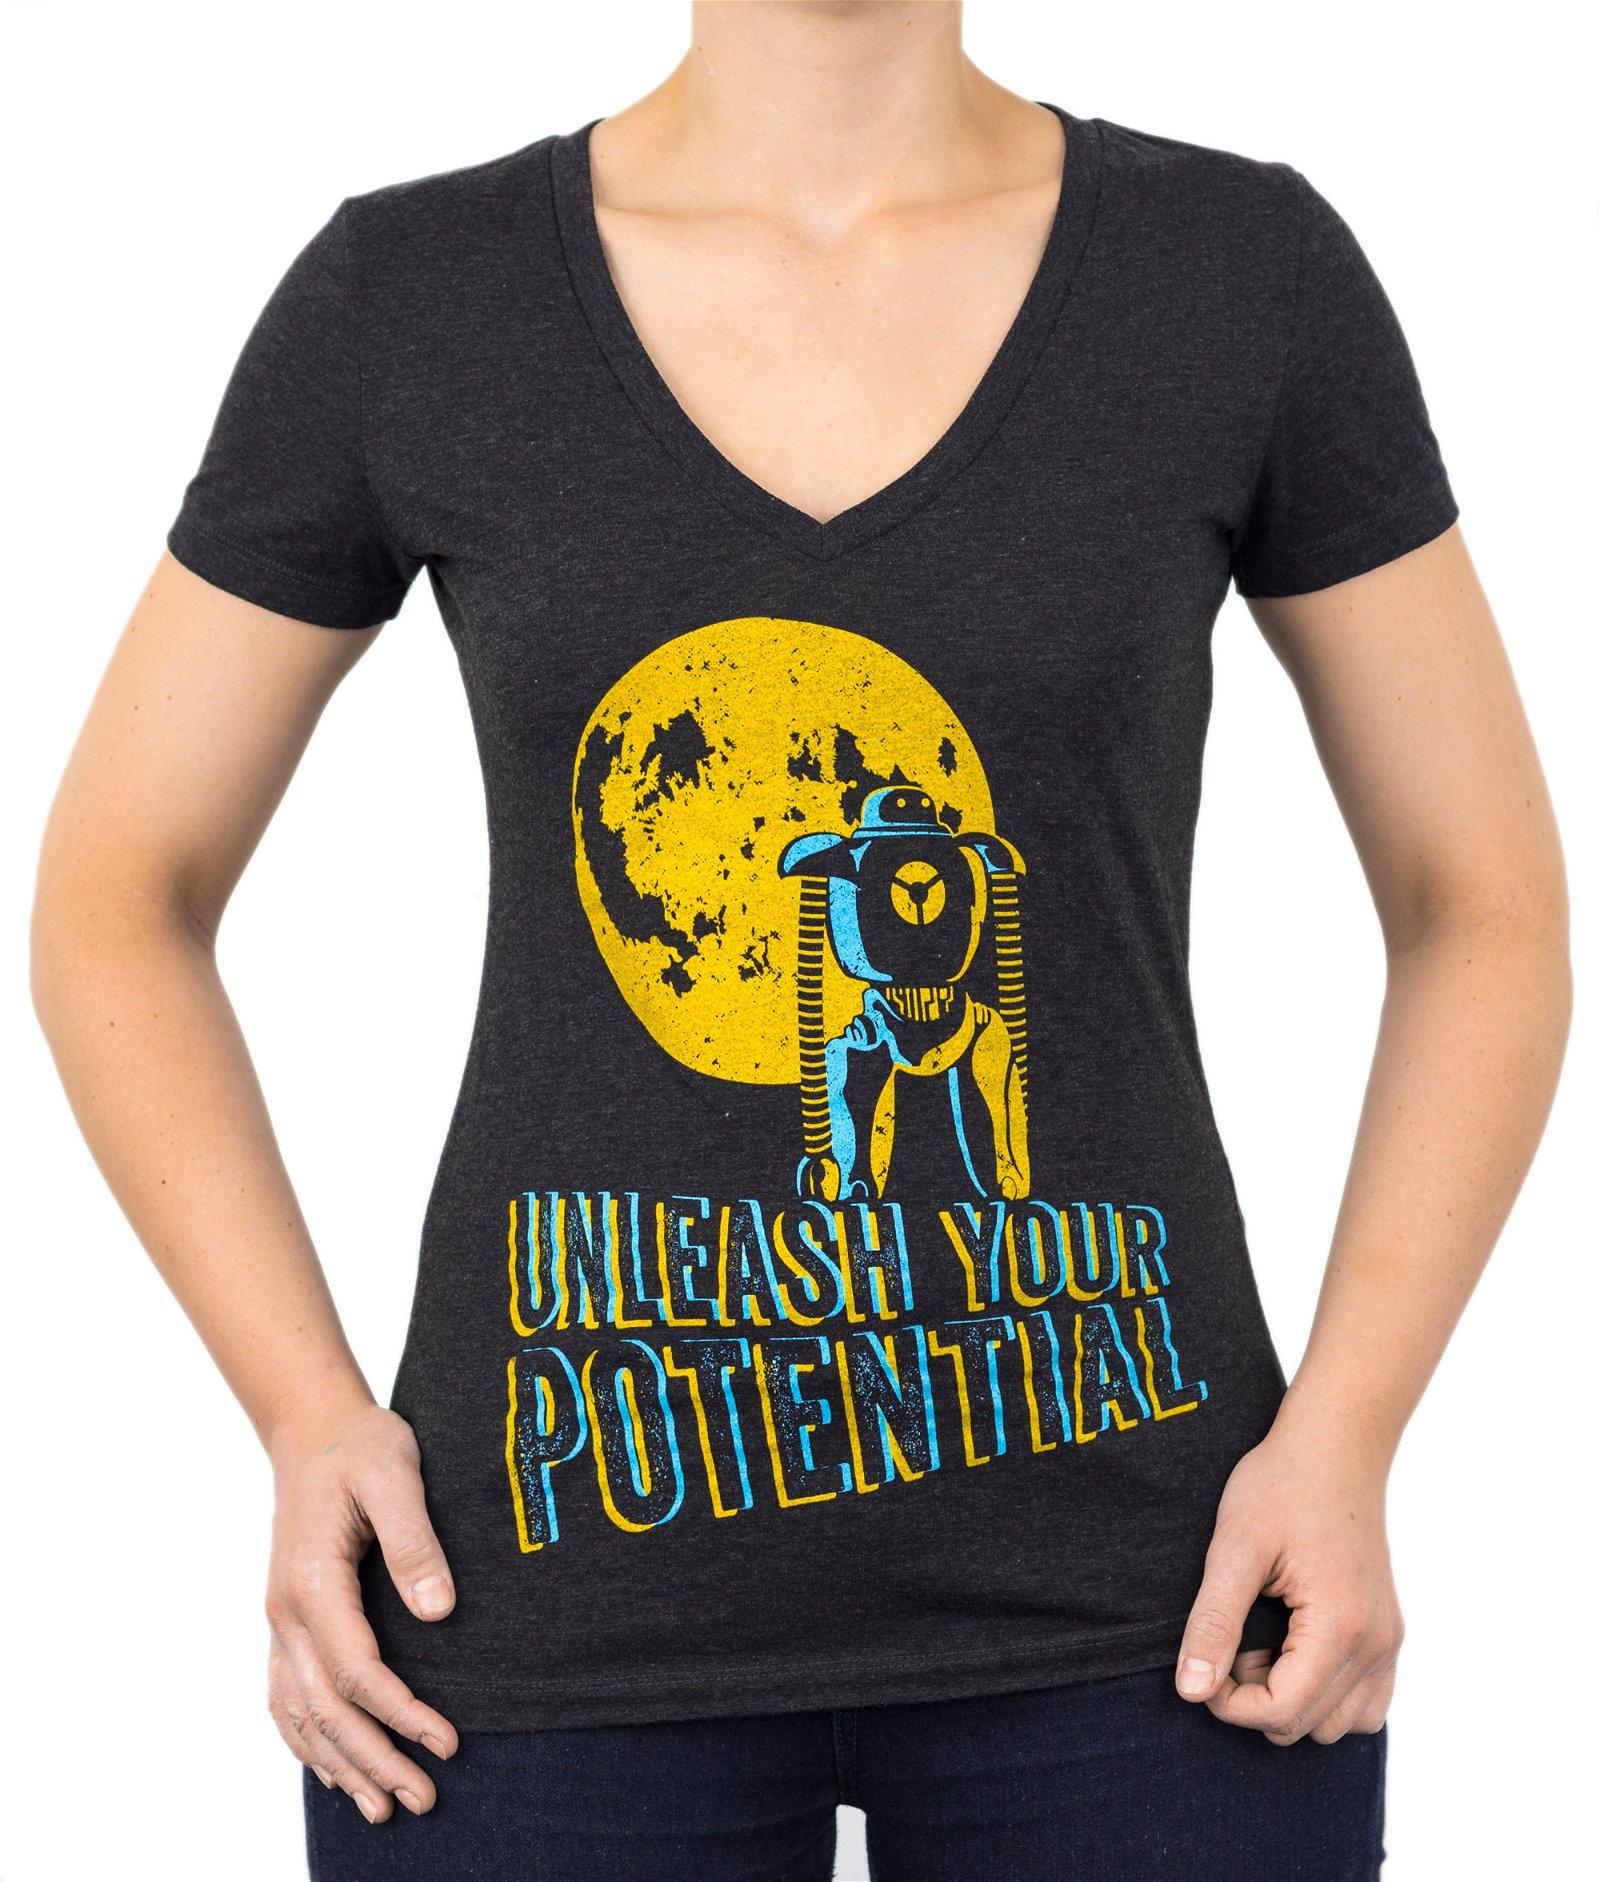 Unleash Your Potential T-Shirt - Women's